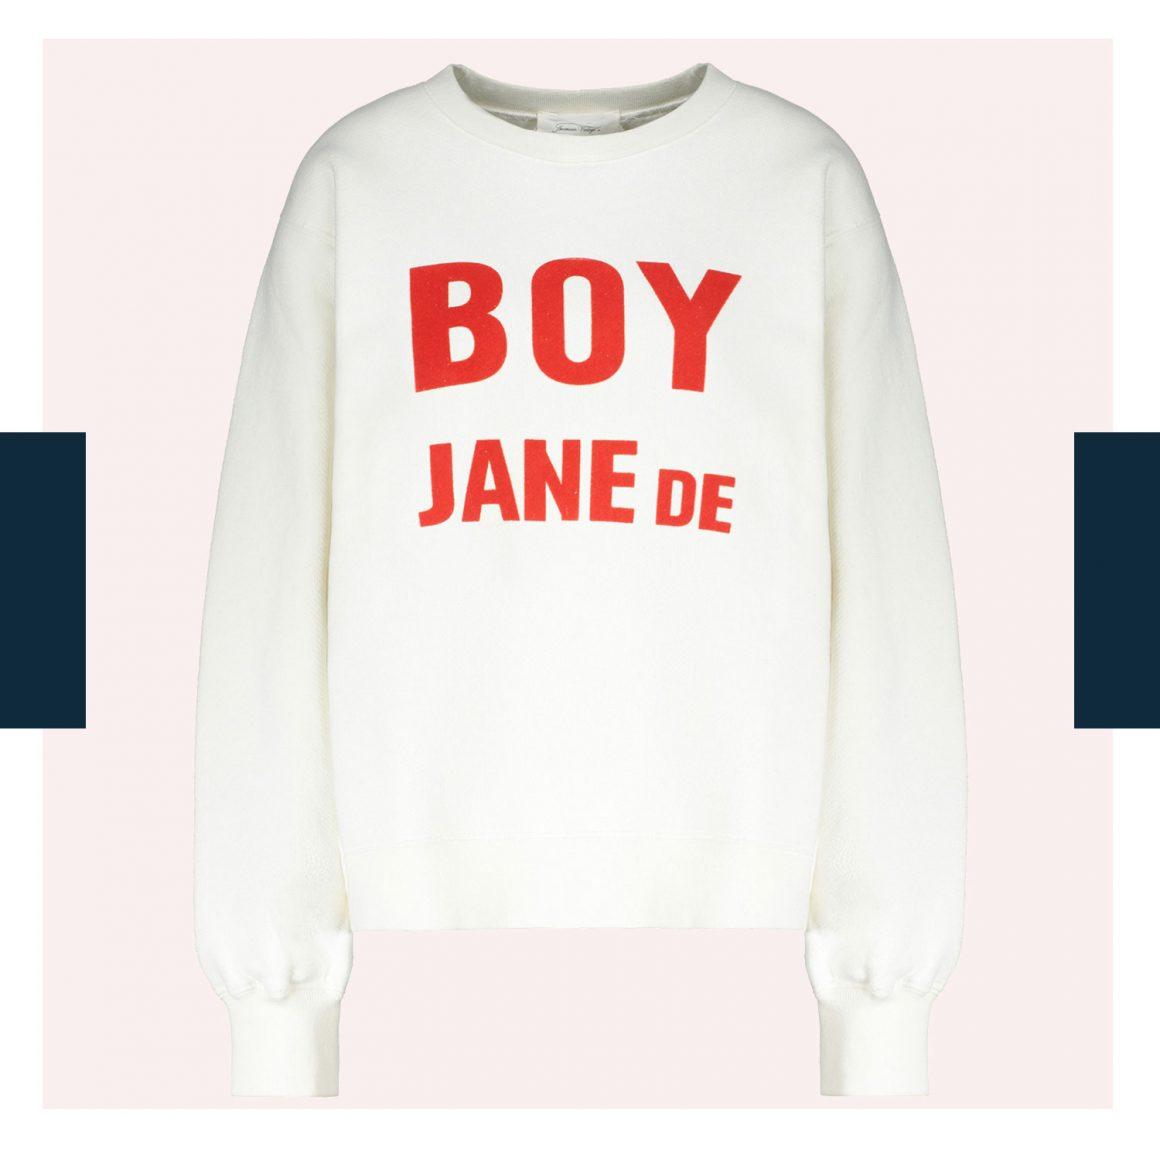 Le sweat-shirt « Boy Jane De » en collaboration avec American Vintage